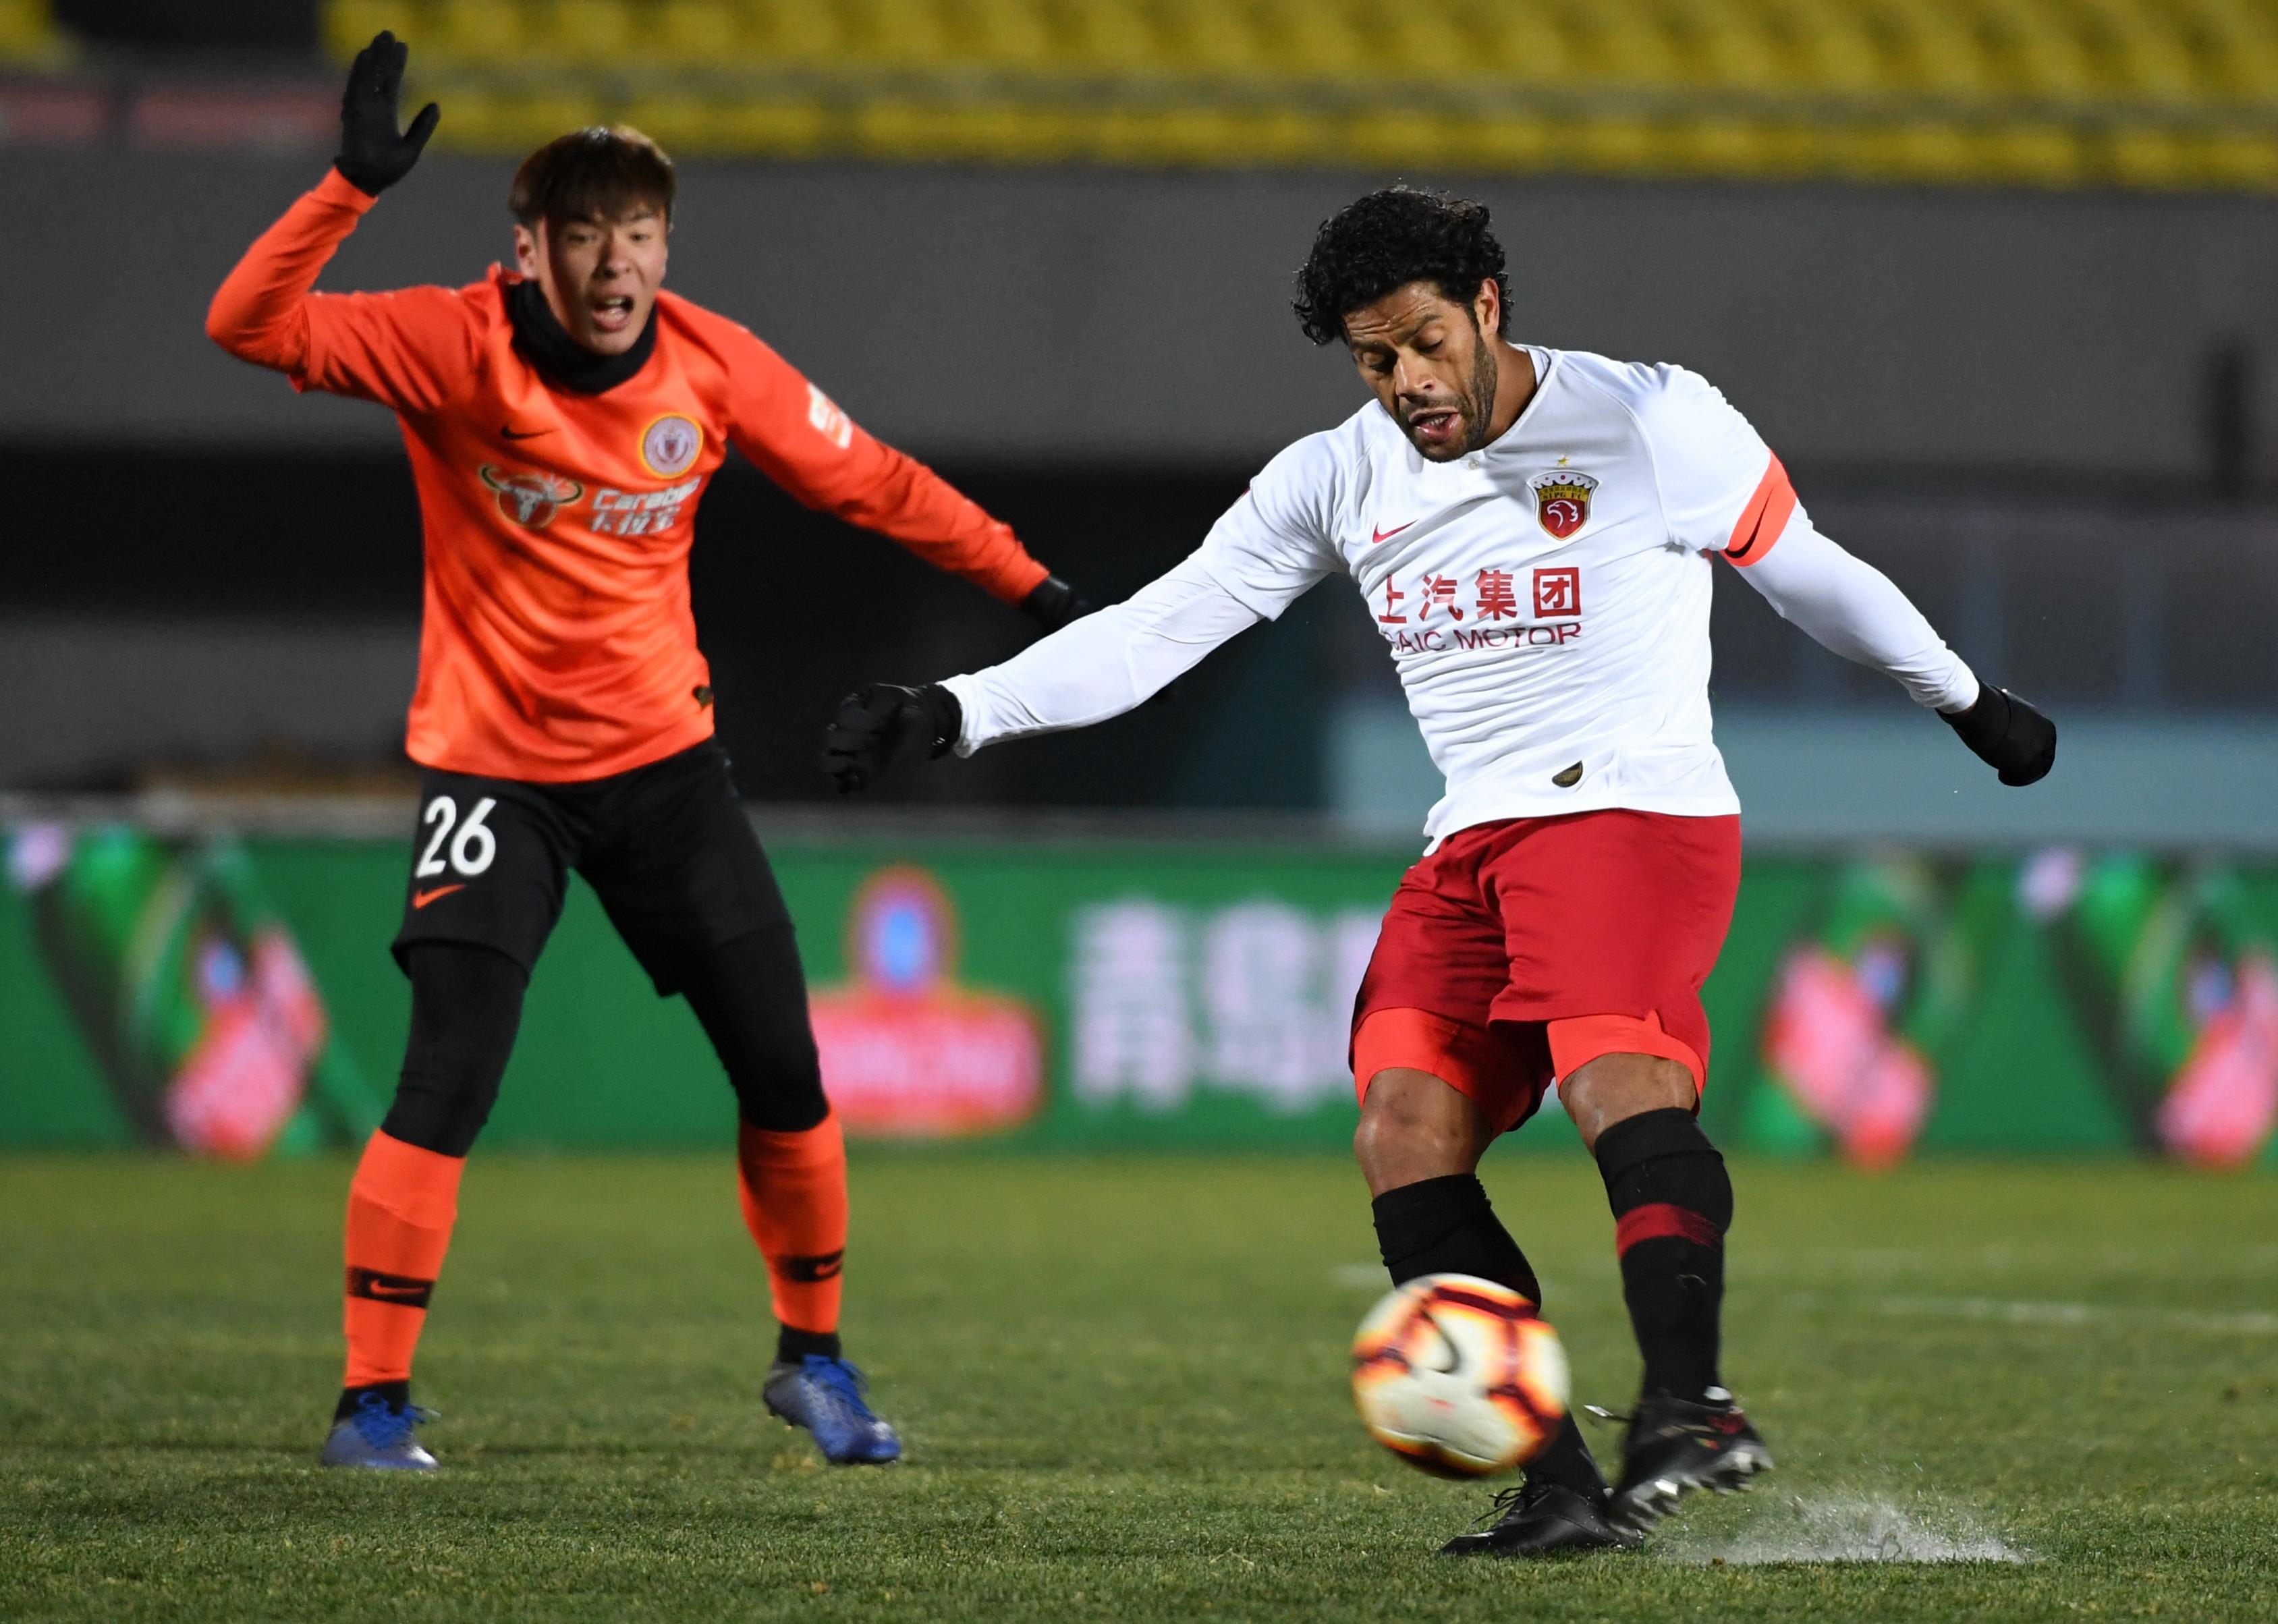 (体育)(4)足球——中超:北京人和平上-NEP0_20191127_C0033231064.JPG